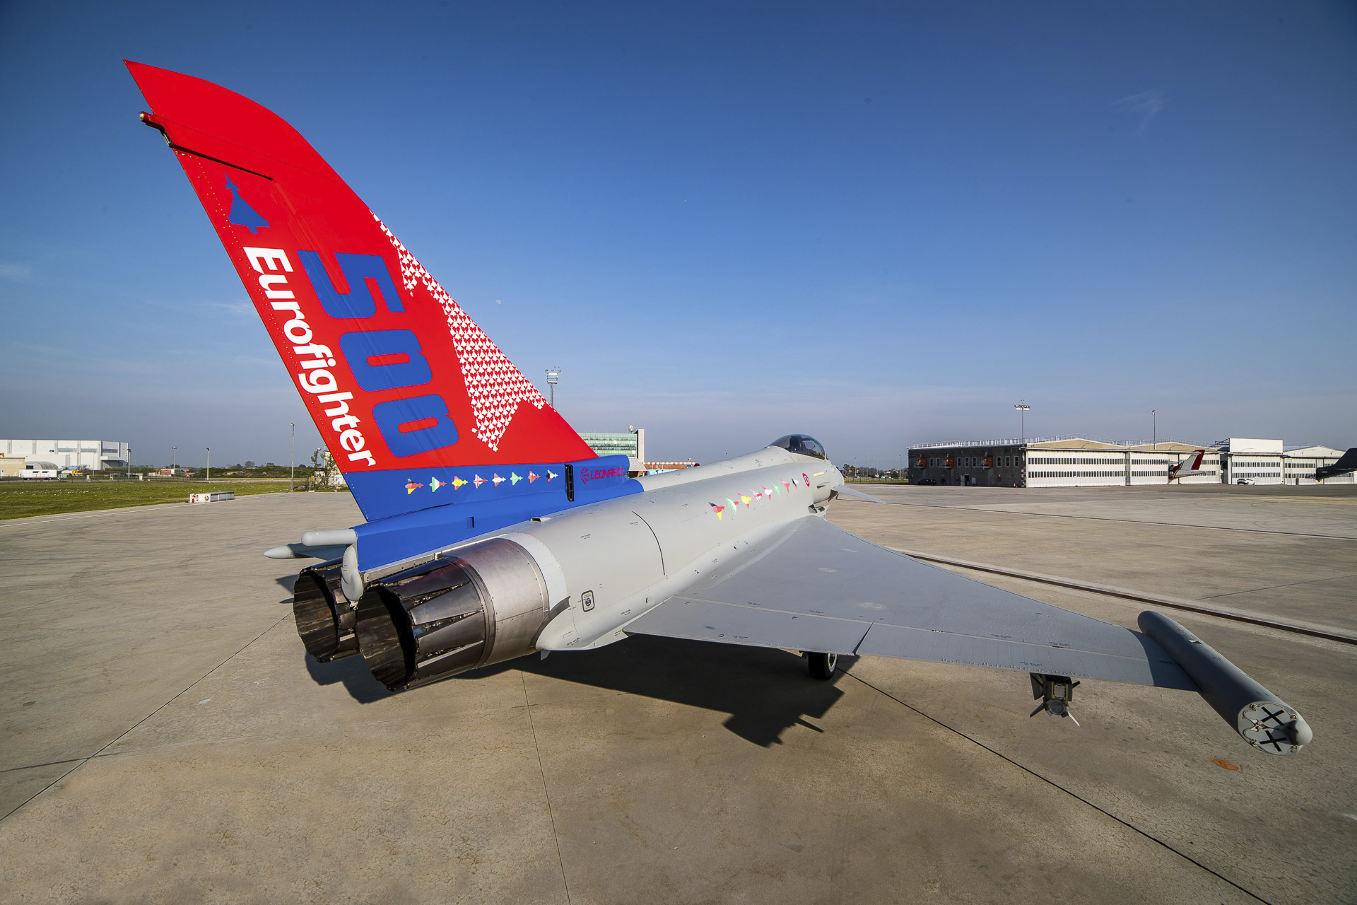 Remise du 500ème Eurofighter Typhoon à l'armée de l'air italienne